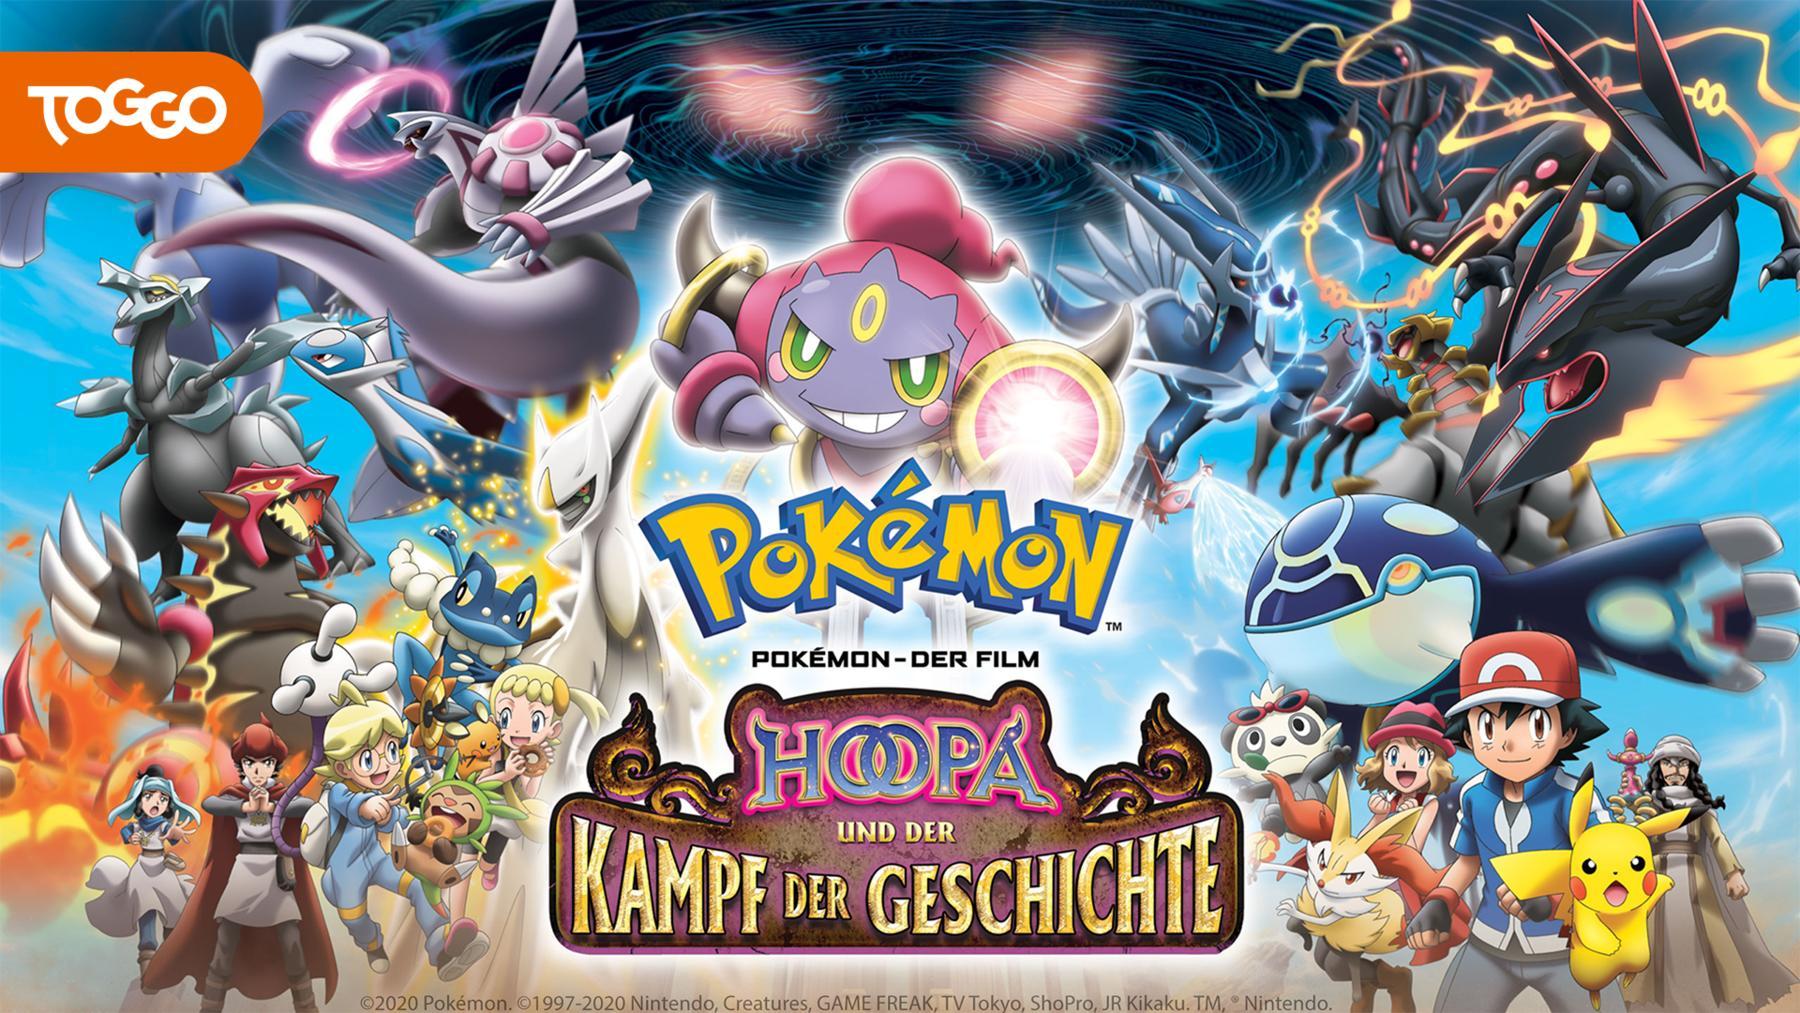 Pokémon 18: Hoopa und der Kampf der Geschichte